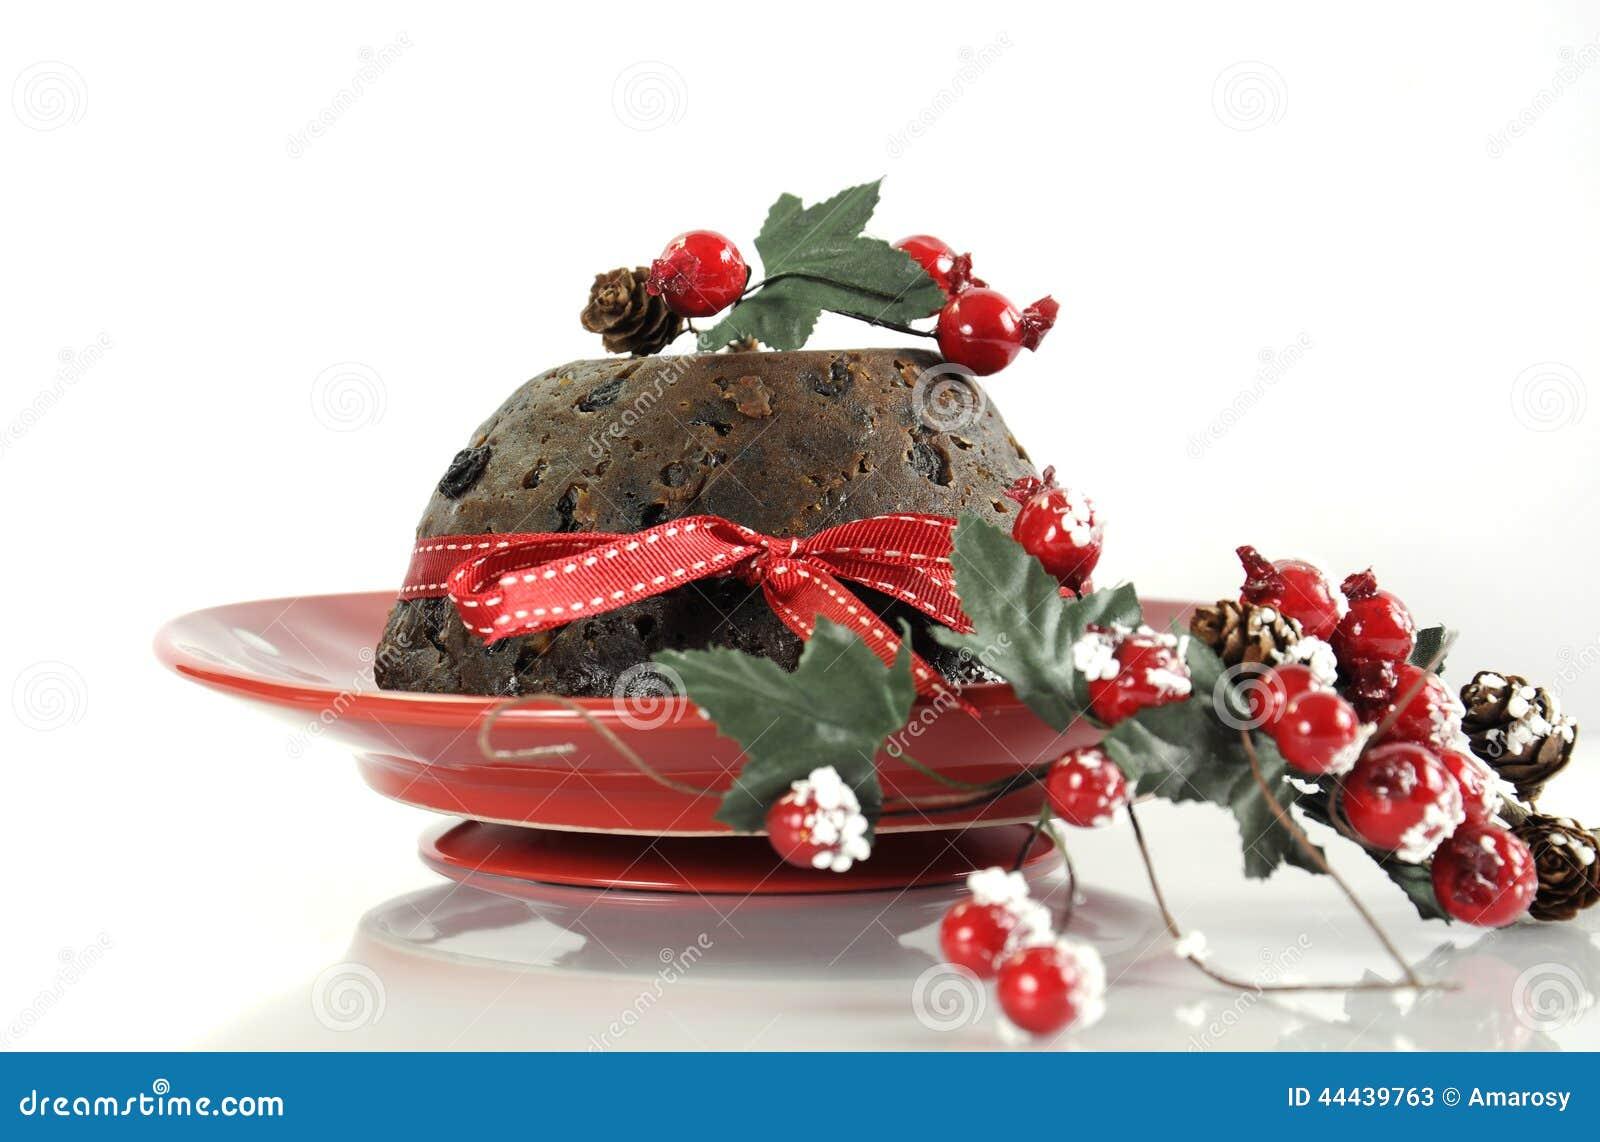 englischer art weihnachts plum pudding nachtisch stockbild. Black Bedroom Furniture Sets. Home Design Ideas